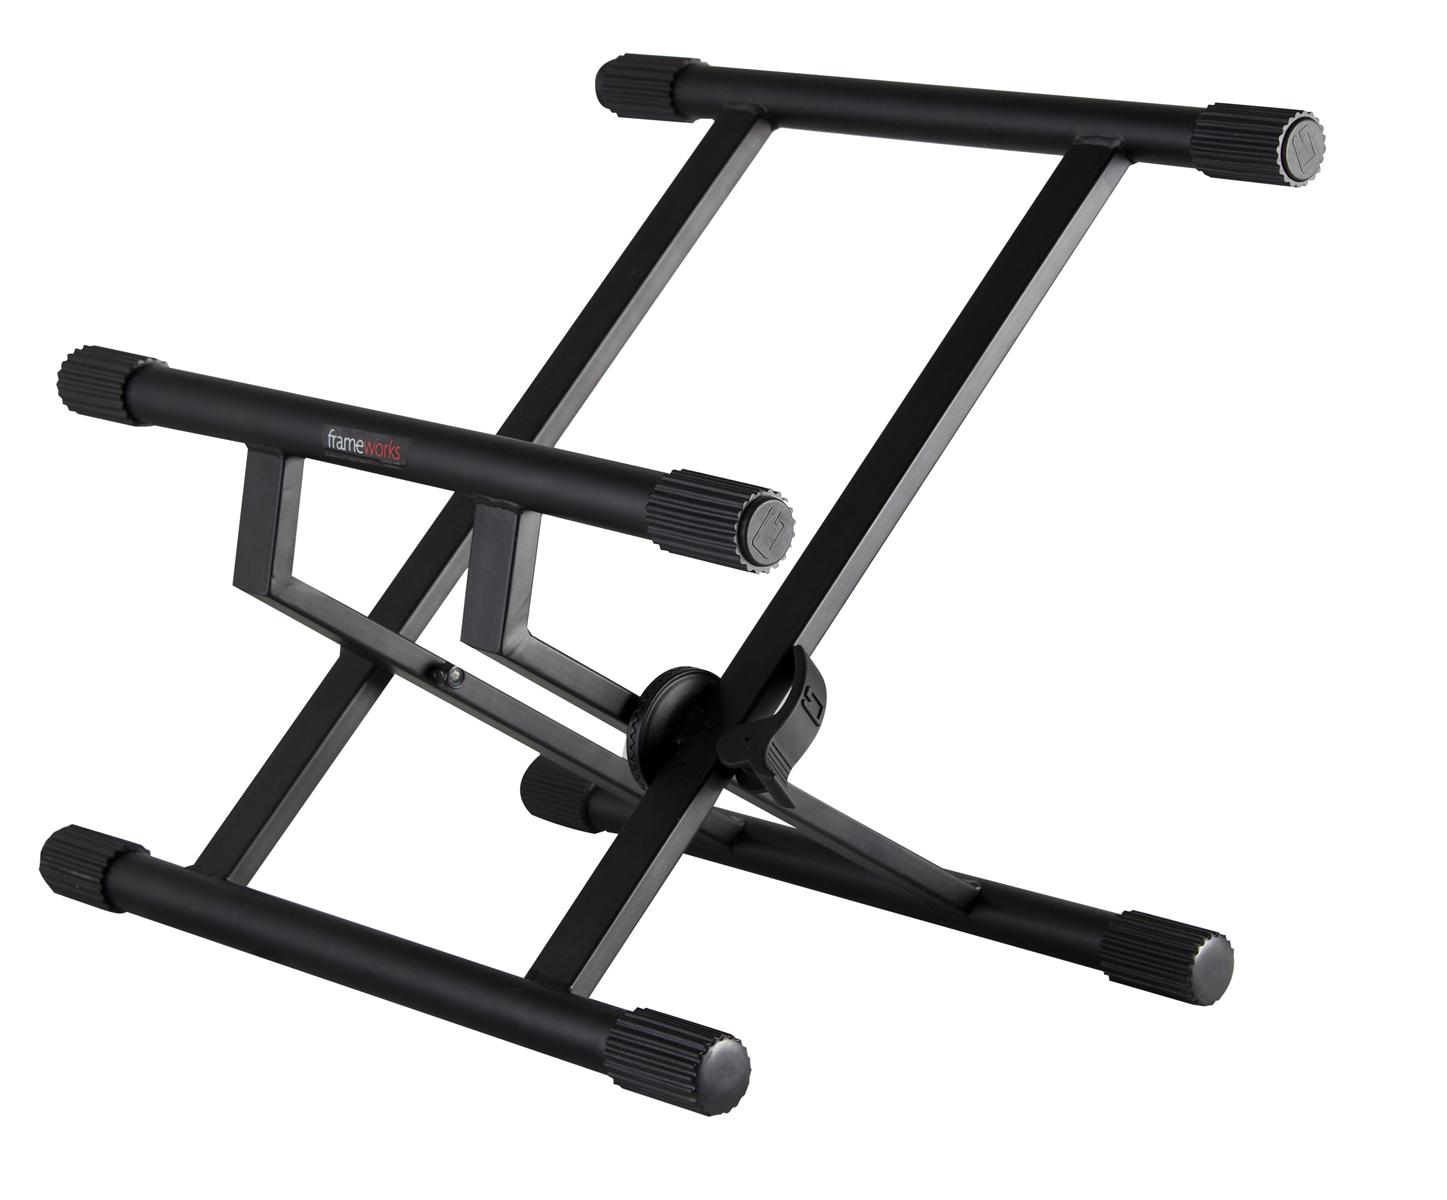 gator gfw gtr amp frameworks combo amp stand. Black Bedroom Furniture Sets. Home Design Ideas